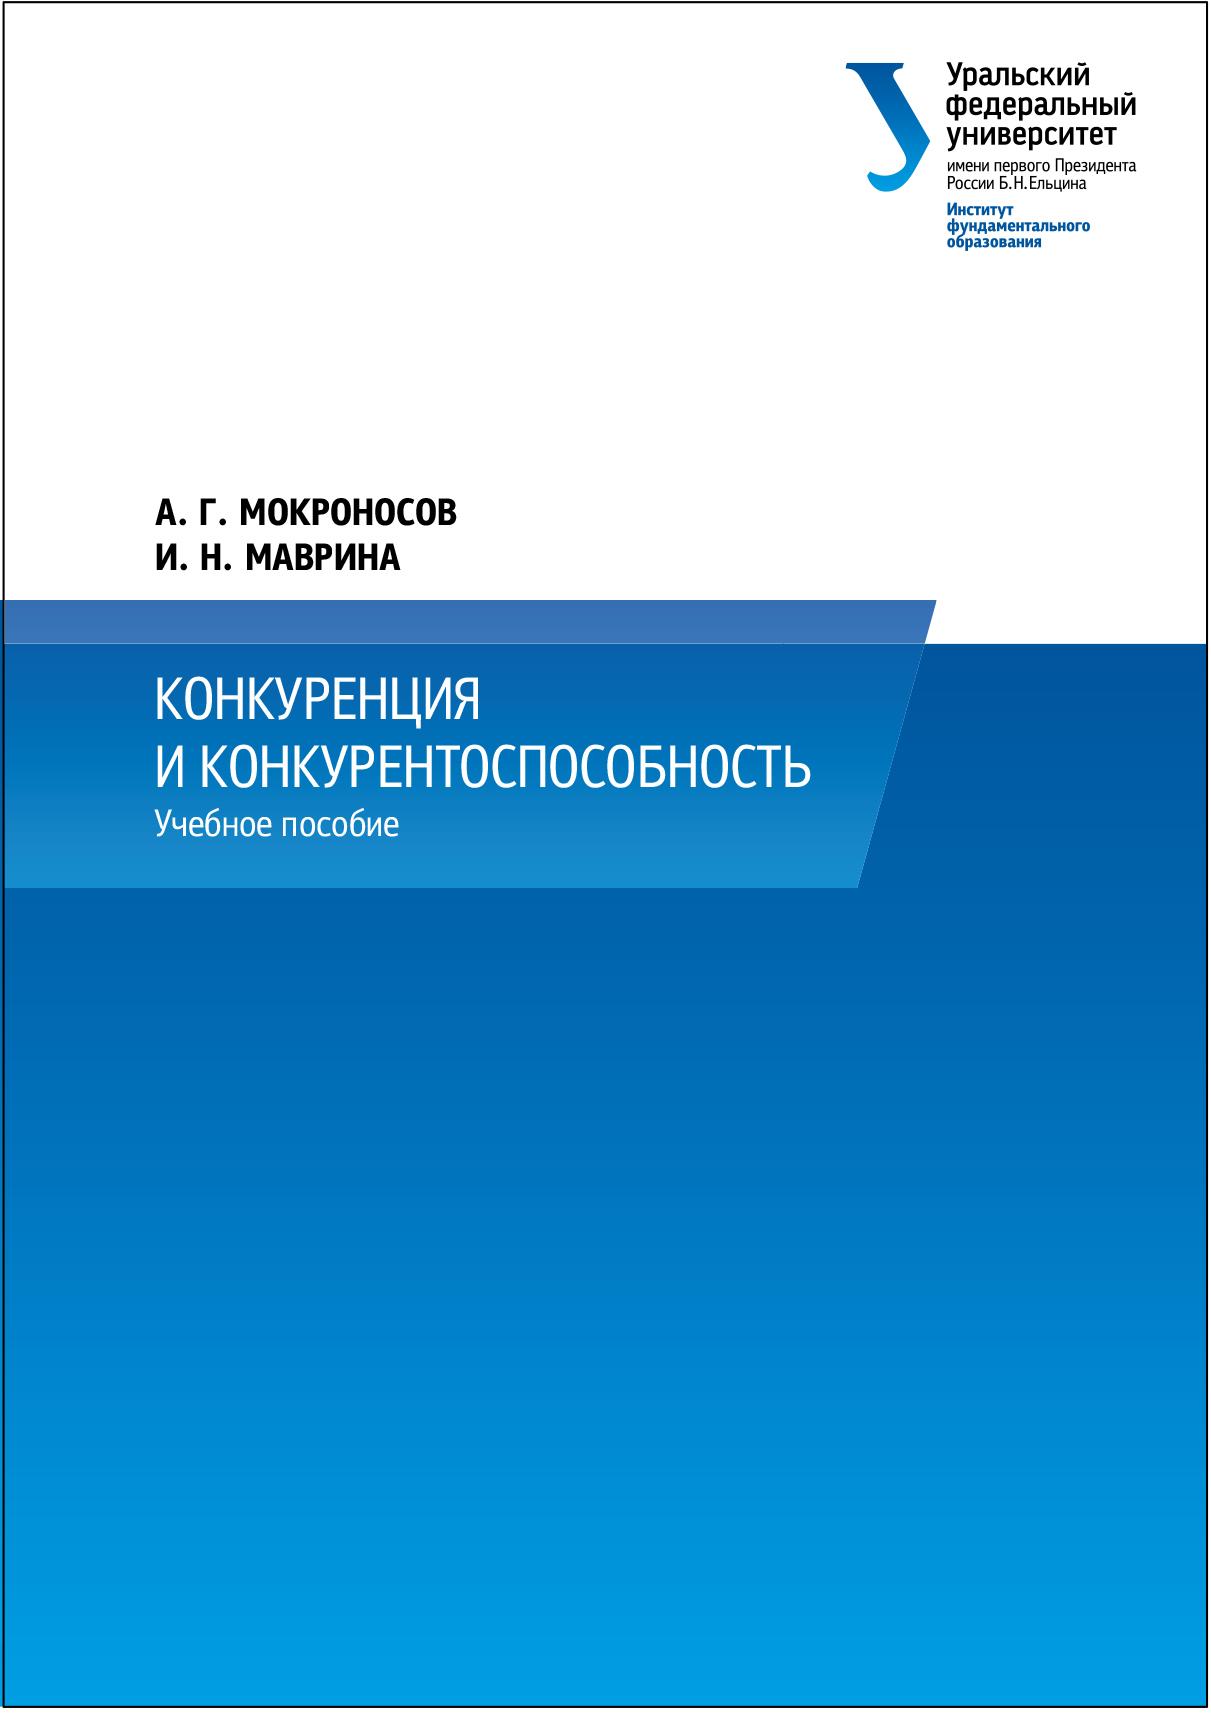 Ирина Маврина Конкуренция и конкурентоспособность м вирула конкуренция и конкурентоспособность угледобывающих предприятий